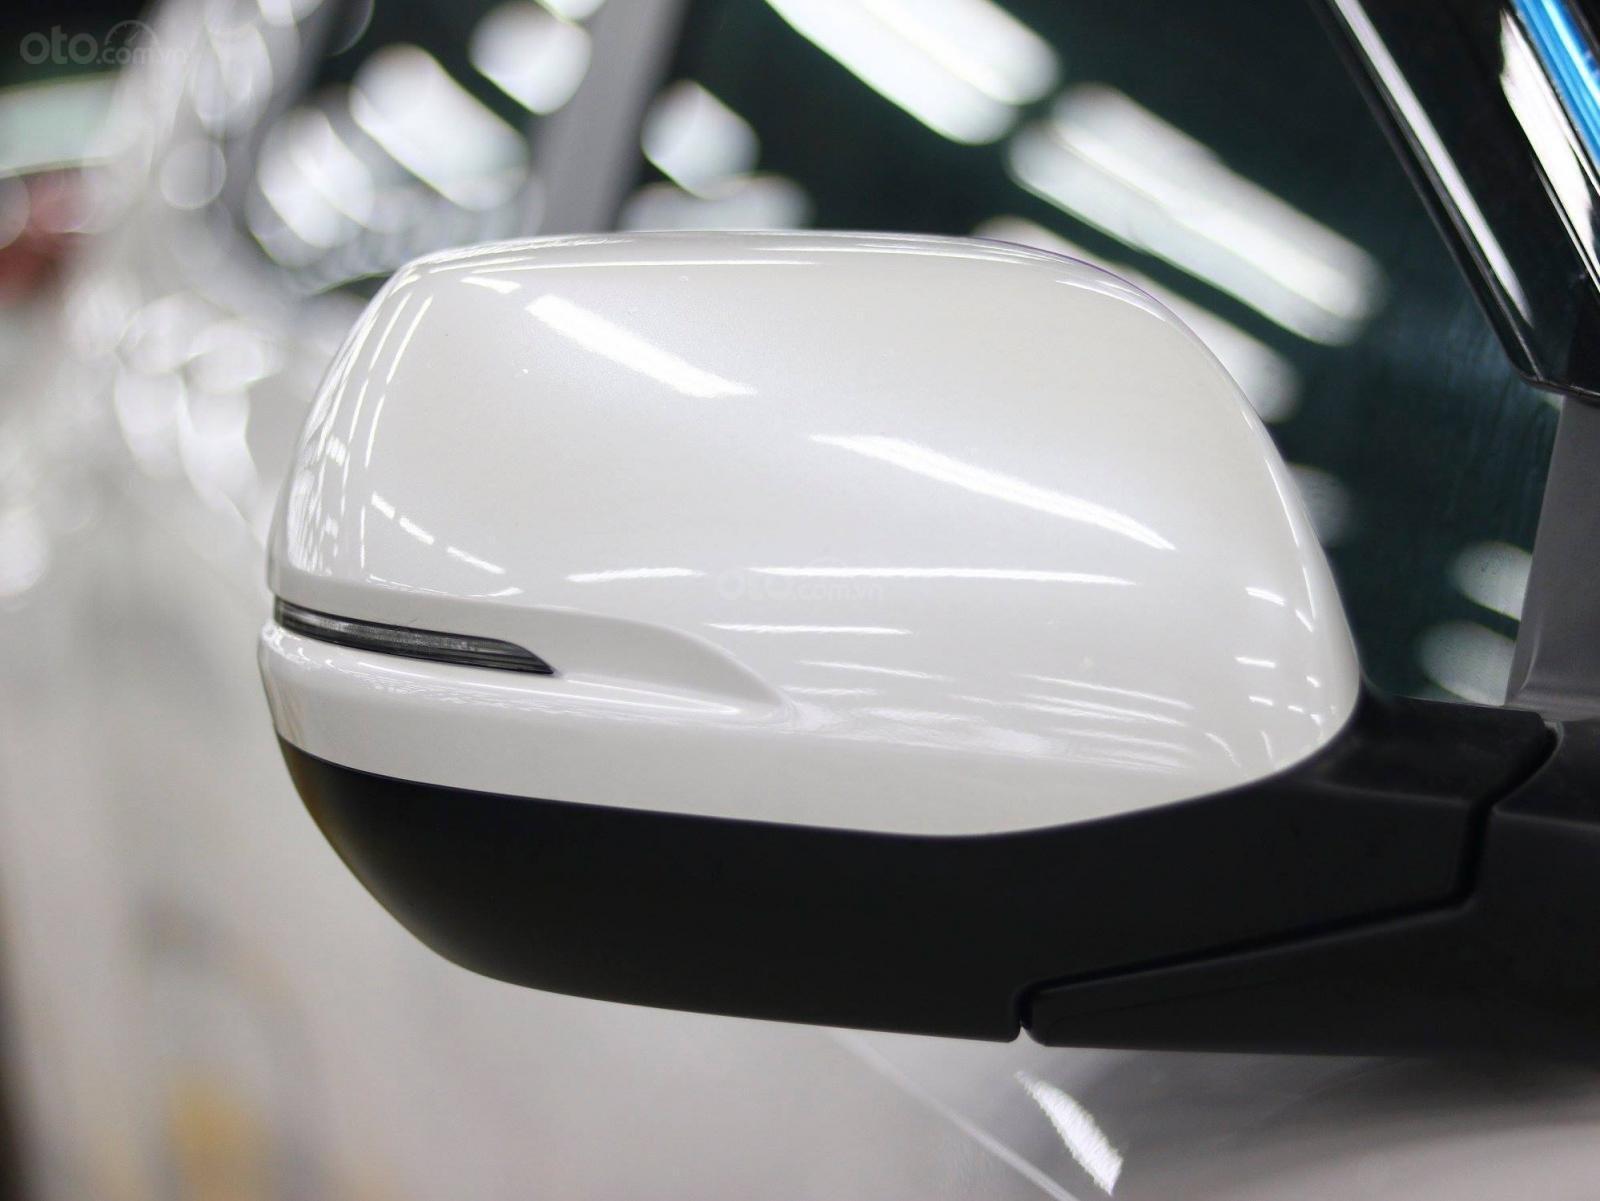 [SG -Giá tháng 7 âm] Honda CRV 2019 - Tặng phụ kiện, tiền mặt, bảo hiểm, phụ kiện hấp dẫn - LH: 0901.898.383-8